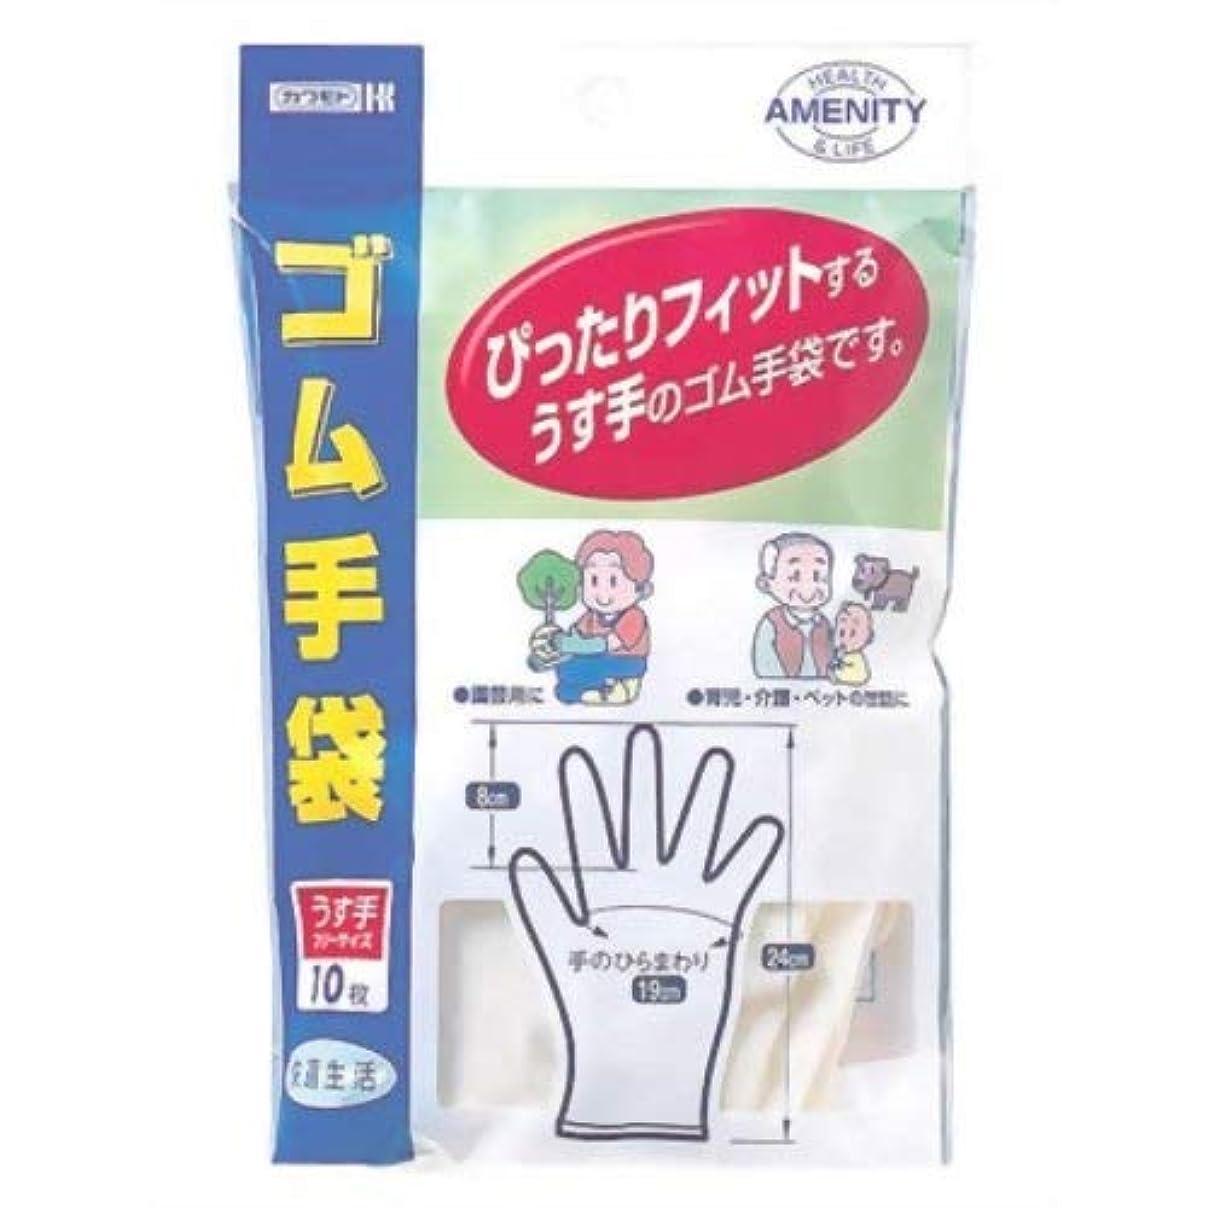 コック技術ペンダントカワモト ゴム手袋 10枚 ×6個